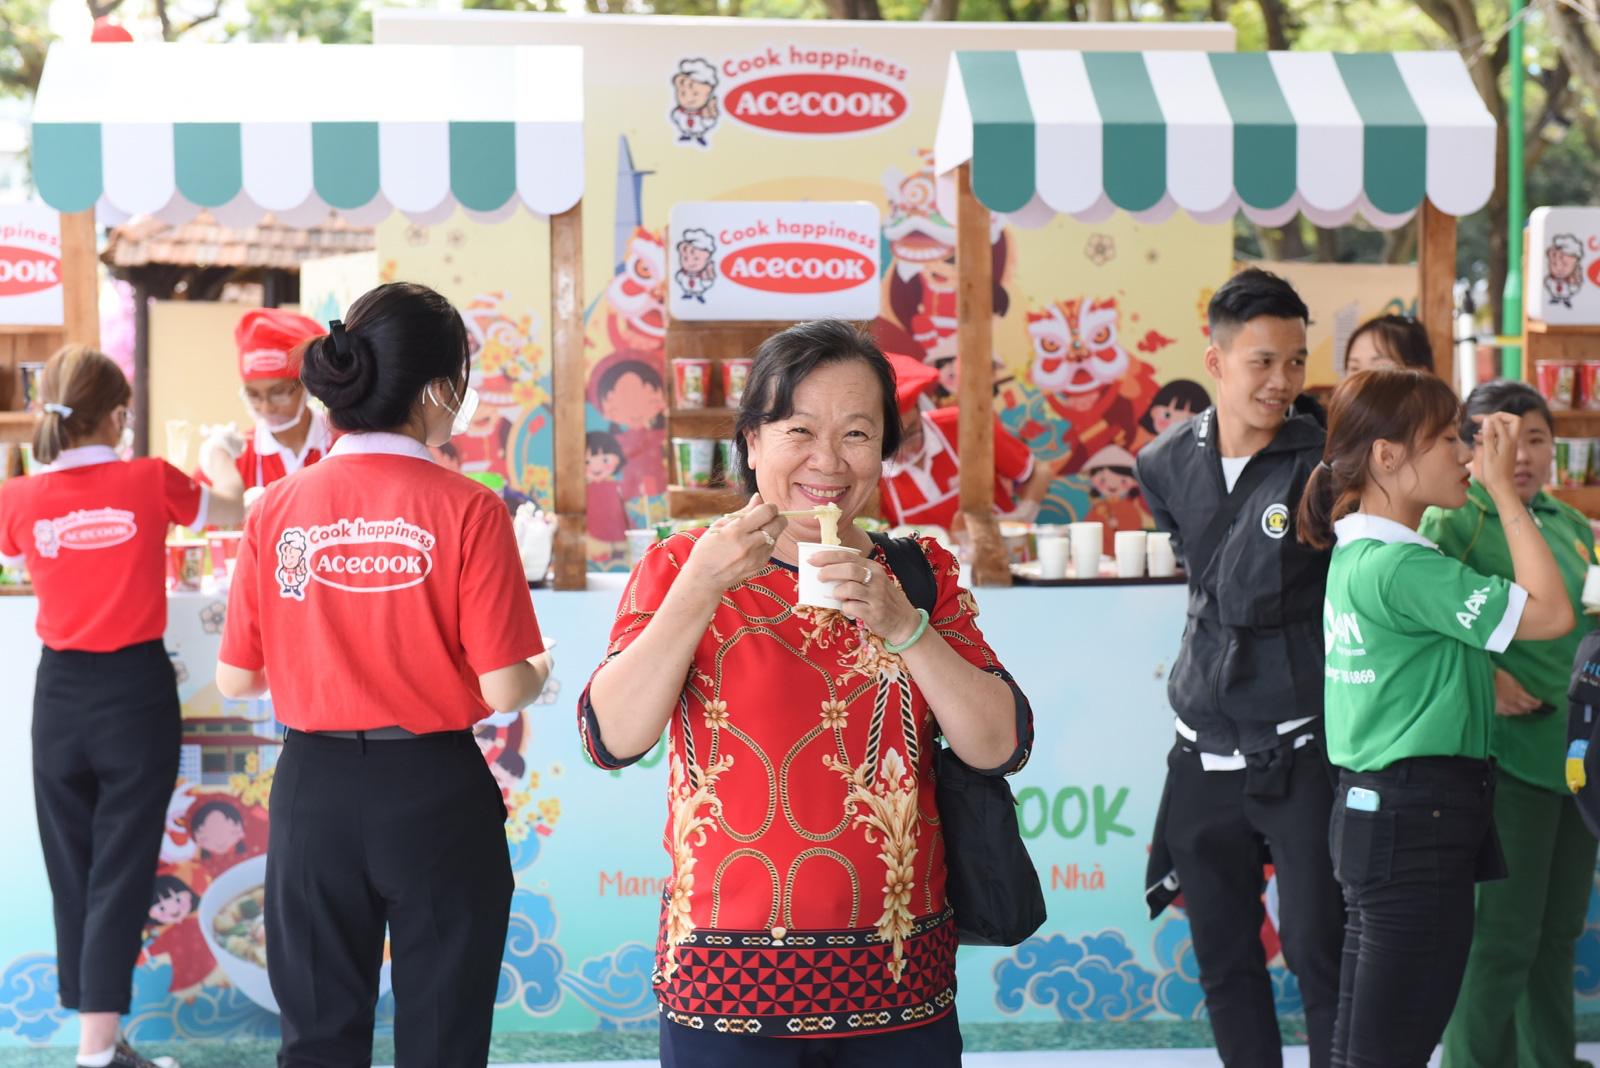 Cùng Acecook Việt Nam làm nên mâm cỗ hạnh phúc trong Tết Festival 2020 - Ảnh 2.